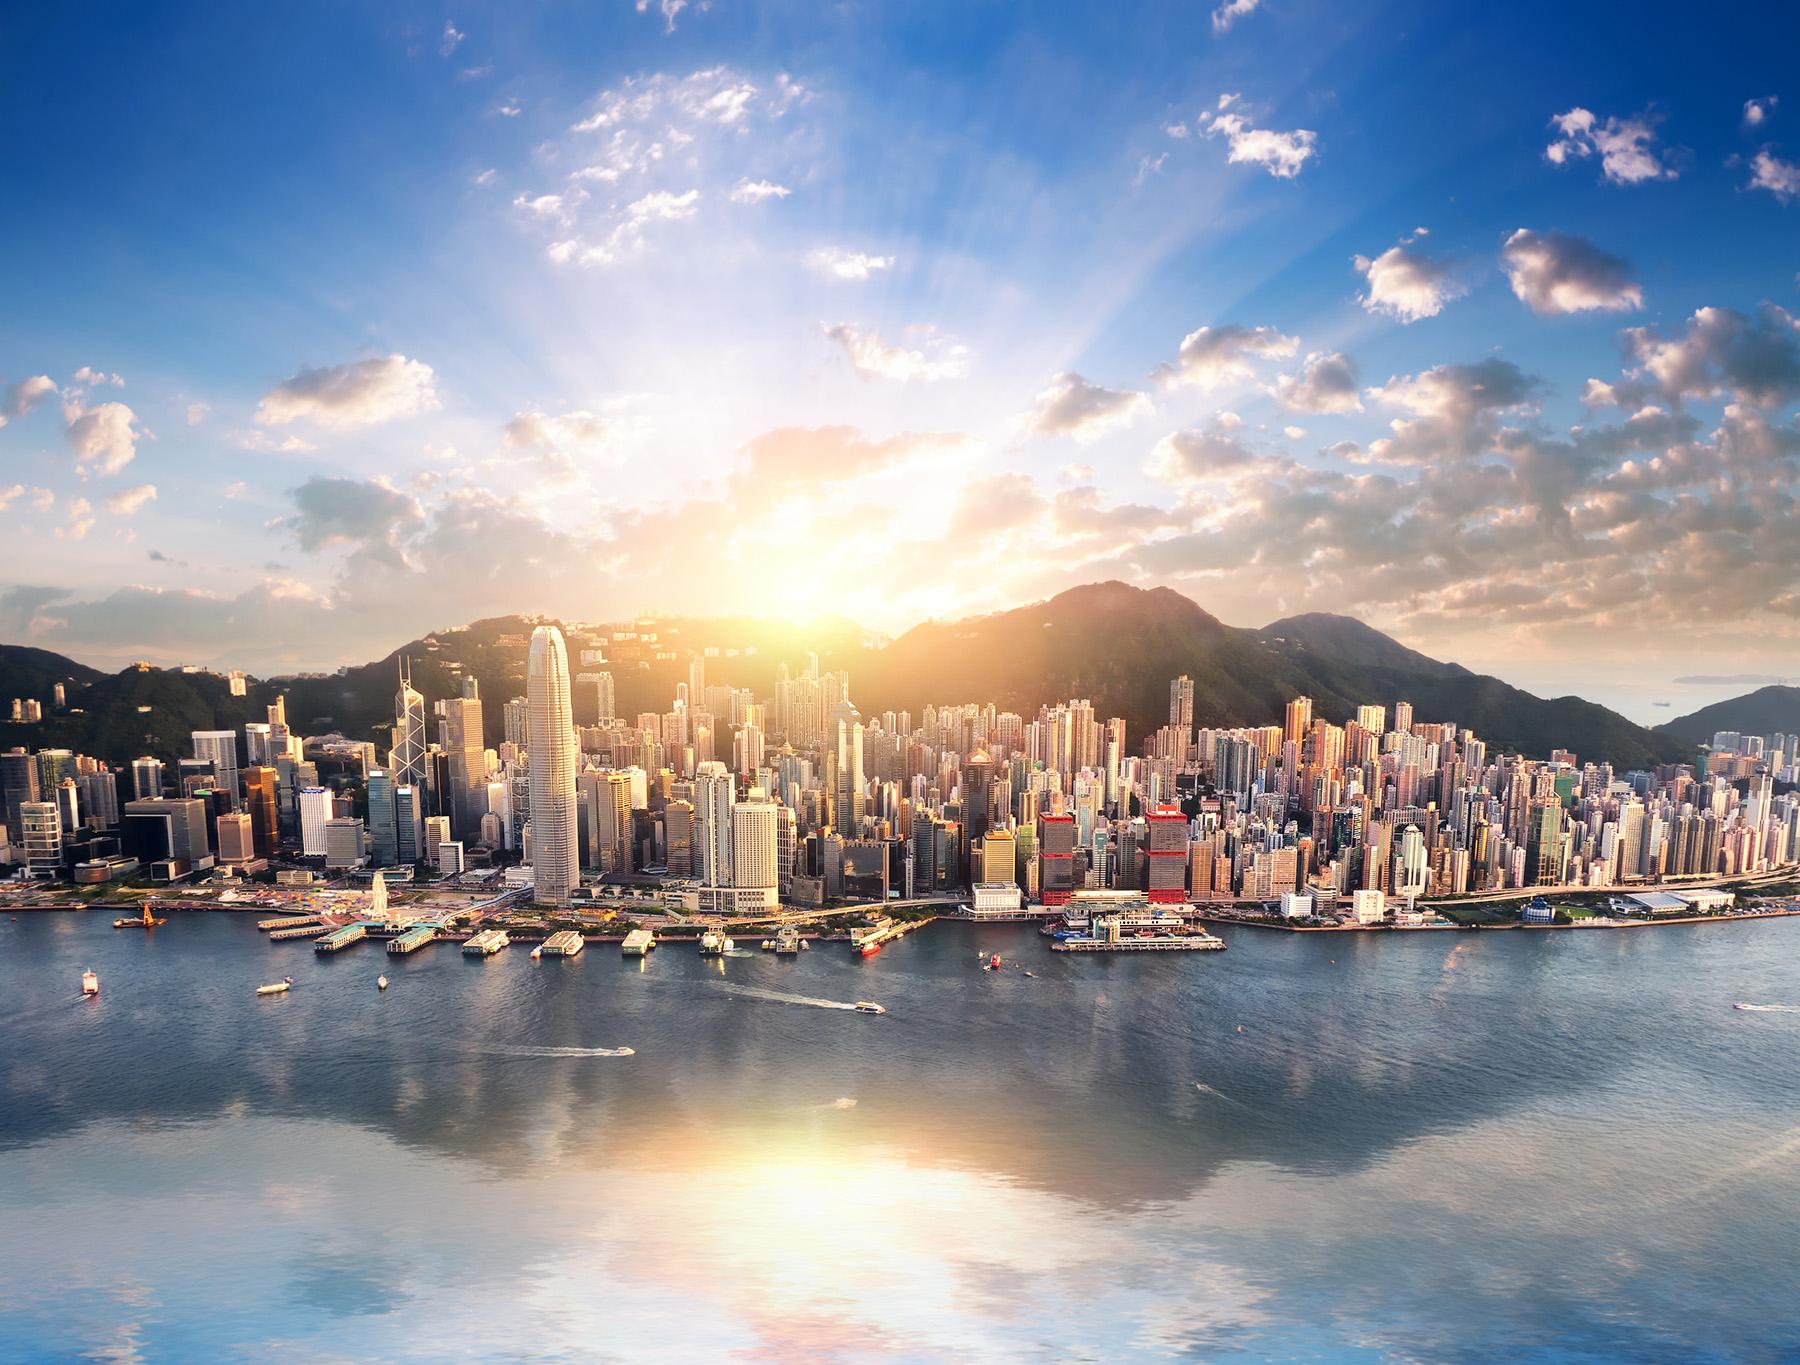 ITI Education Week Hong Kong